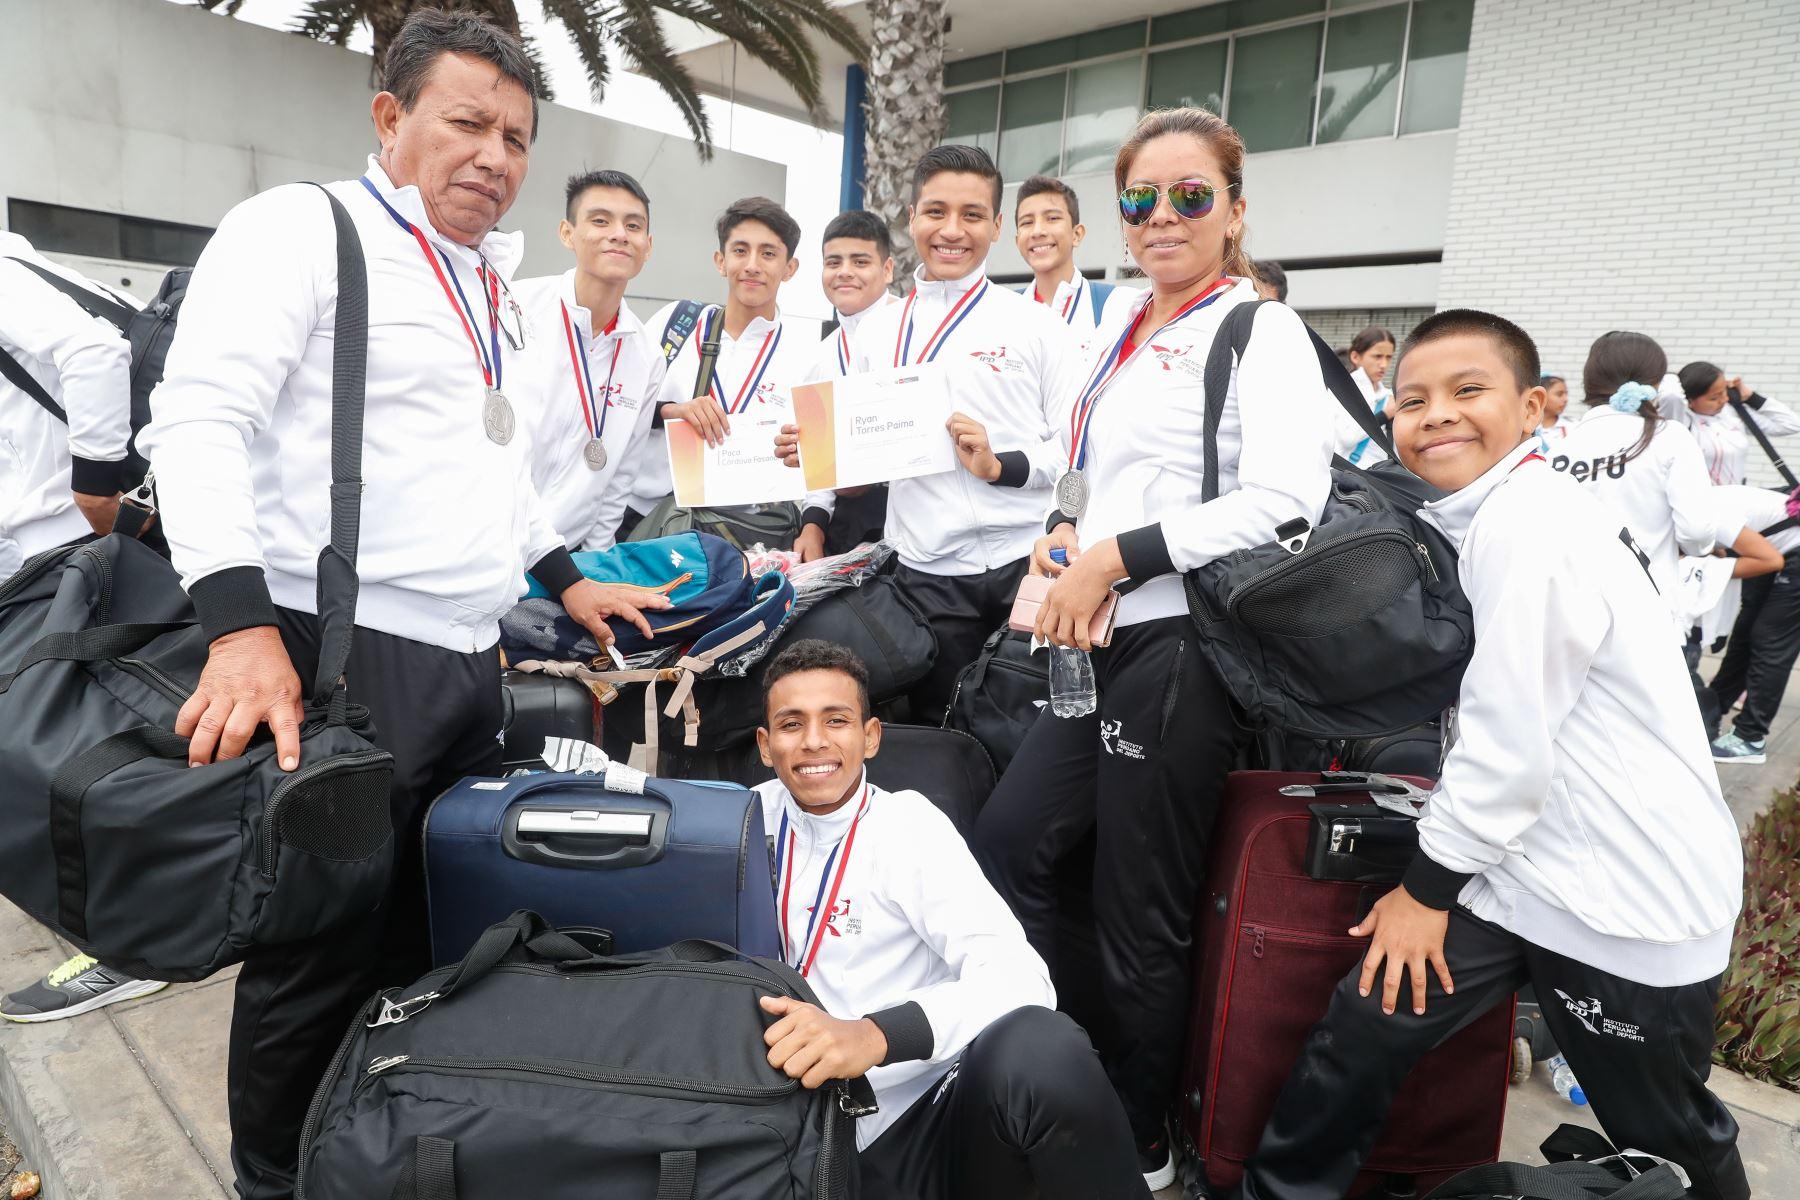 Reconocimiento a delegación de  participantes de los Juegos Sudamericanos Escolares Asunción 2019. Foto: ANDINA/Renato Pajuelo